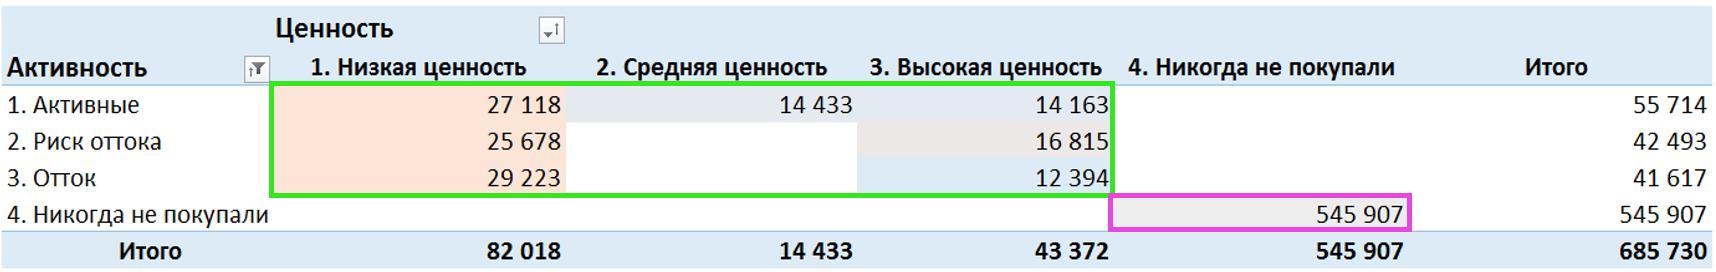 RFM анализ — оценка состояния базы в Mindbox